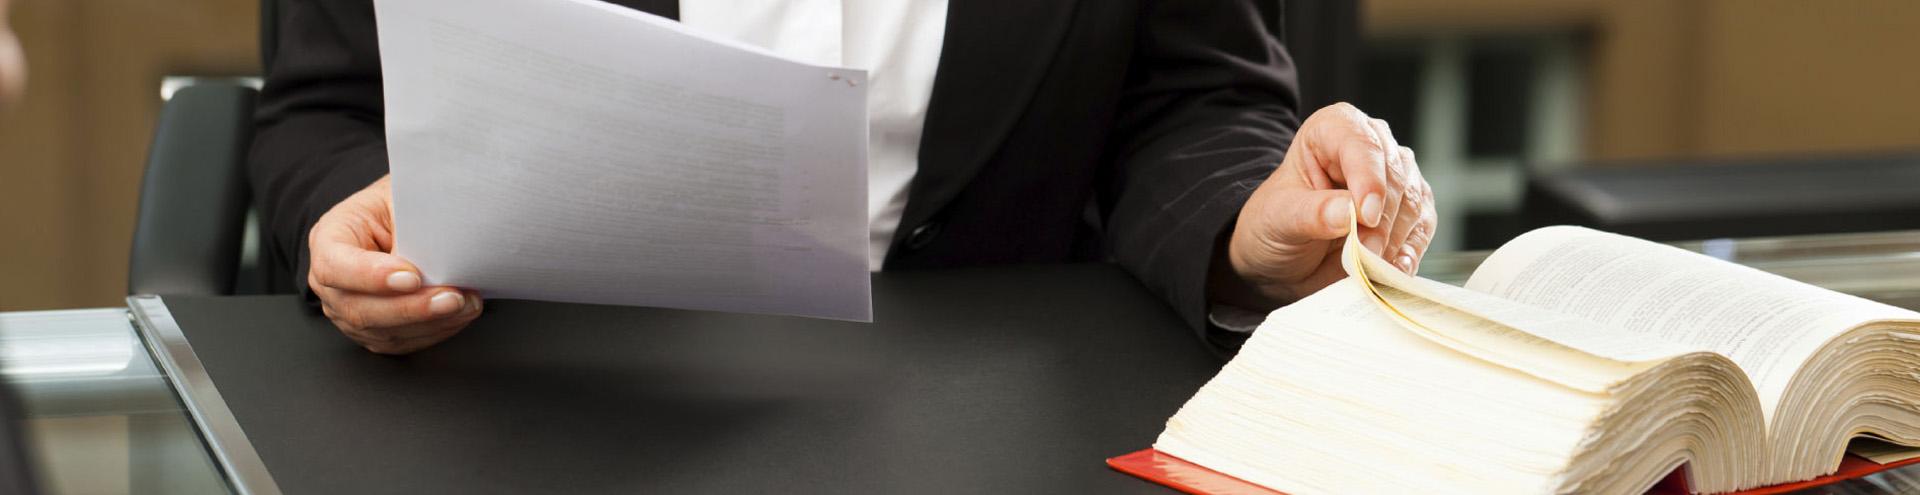 Касационное обжалование решения арбитражного суда в Чебоксарах